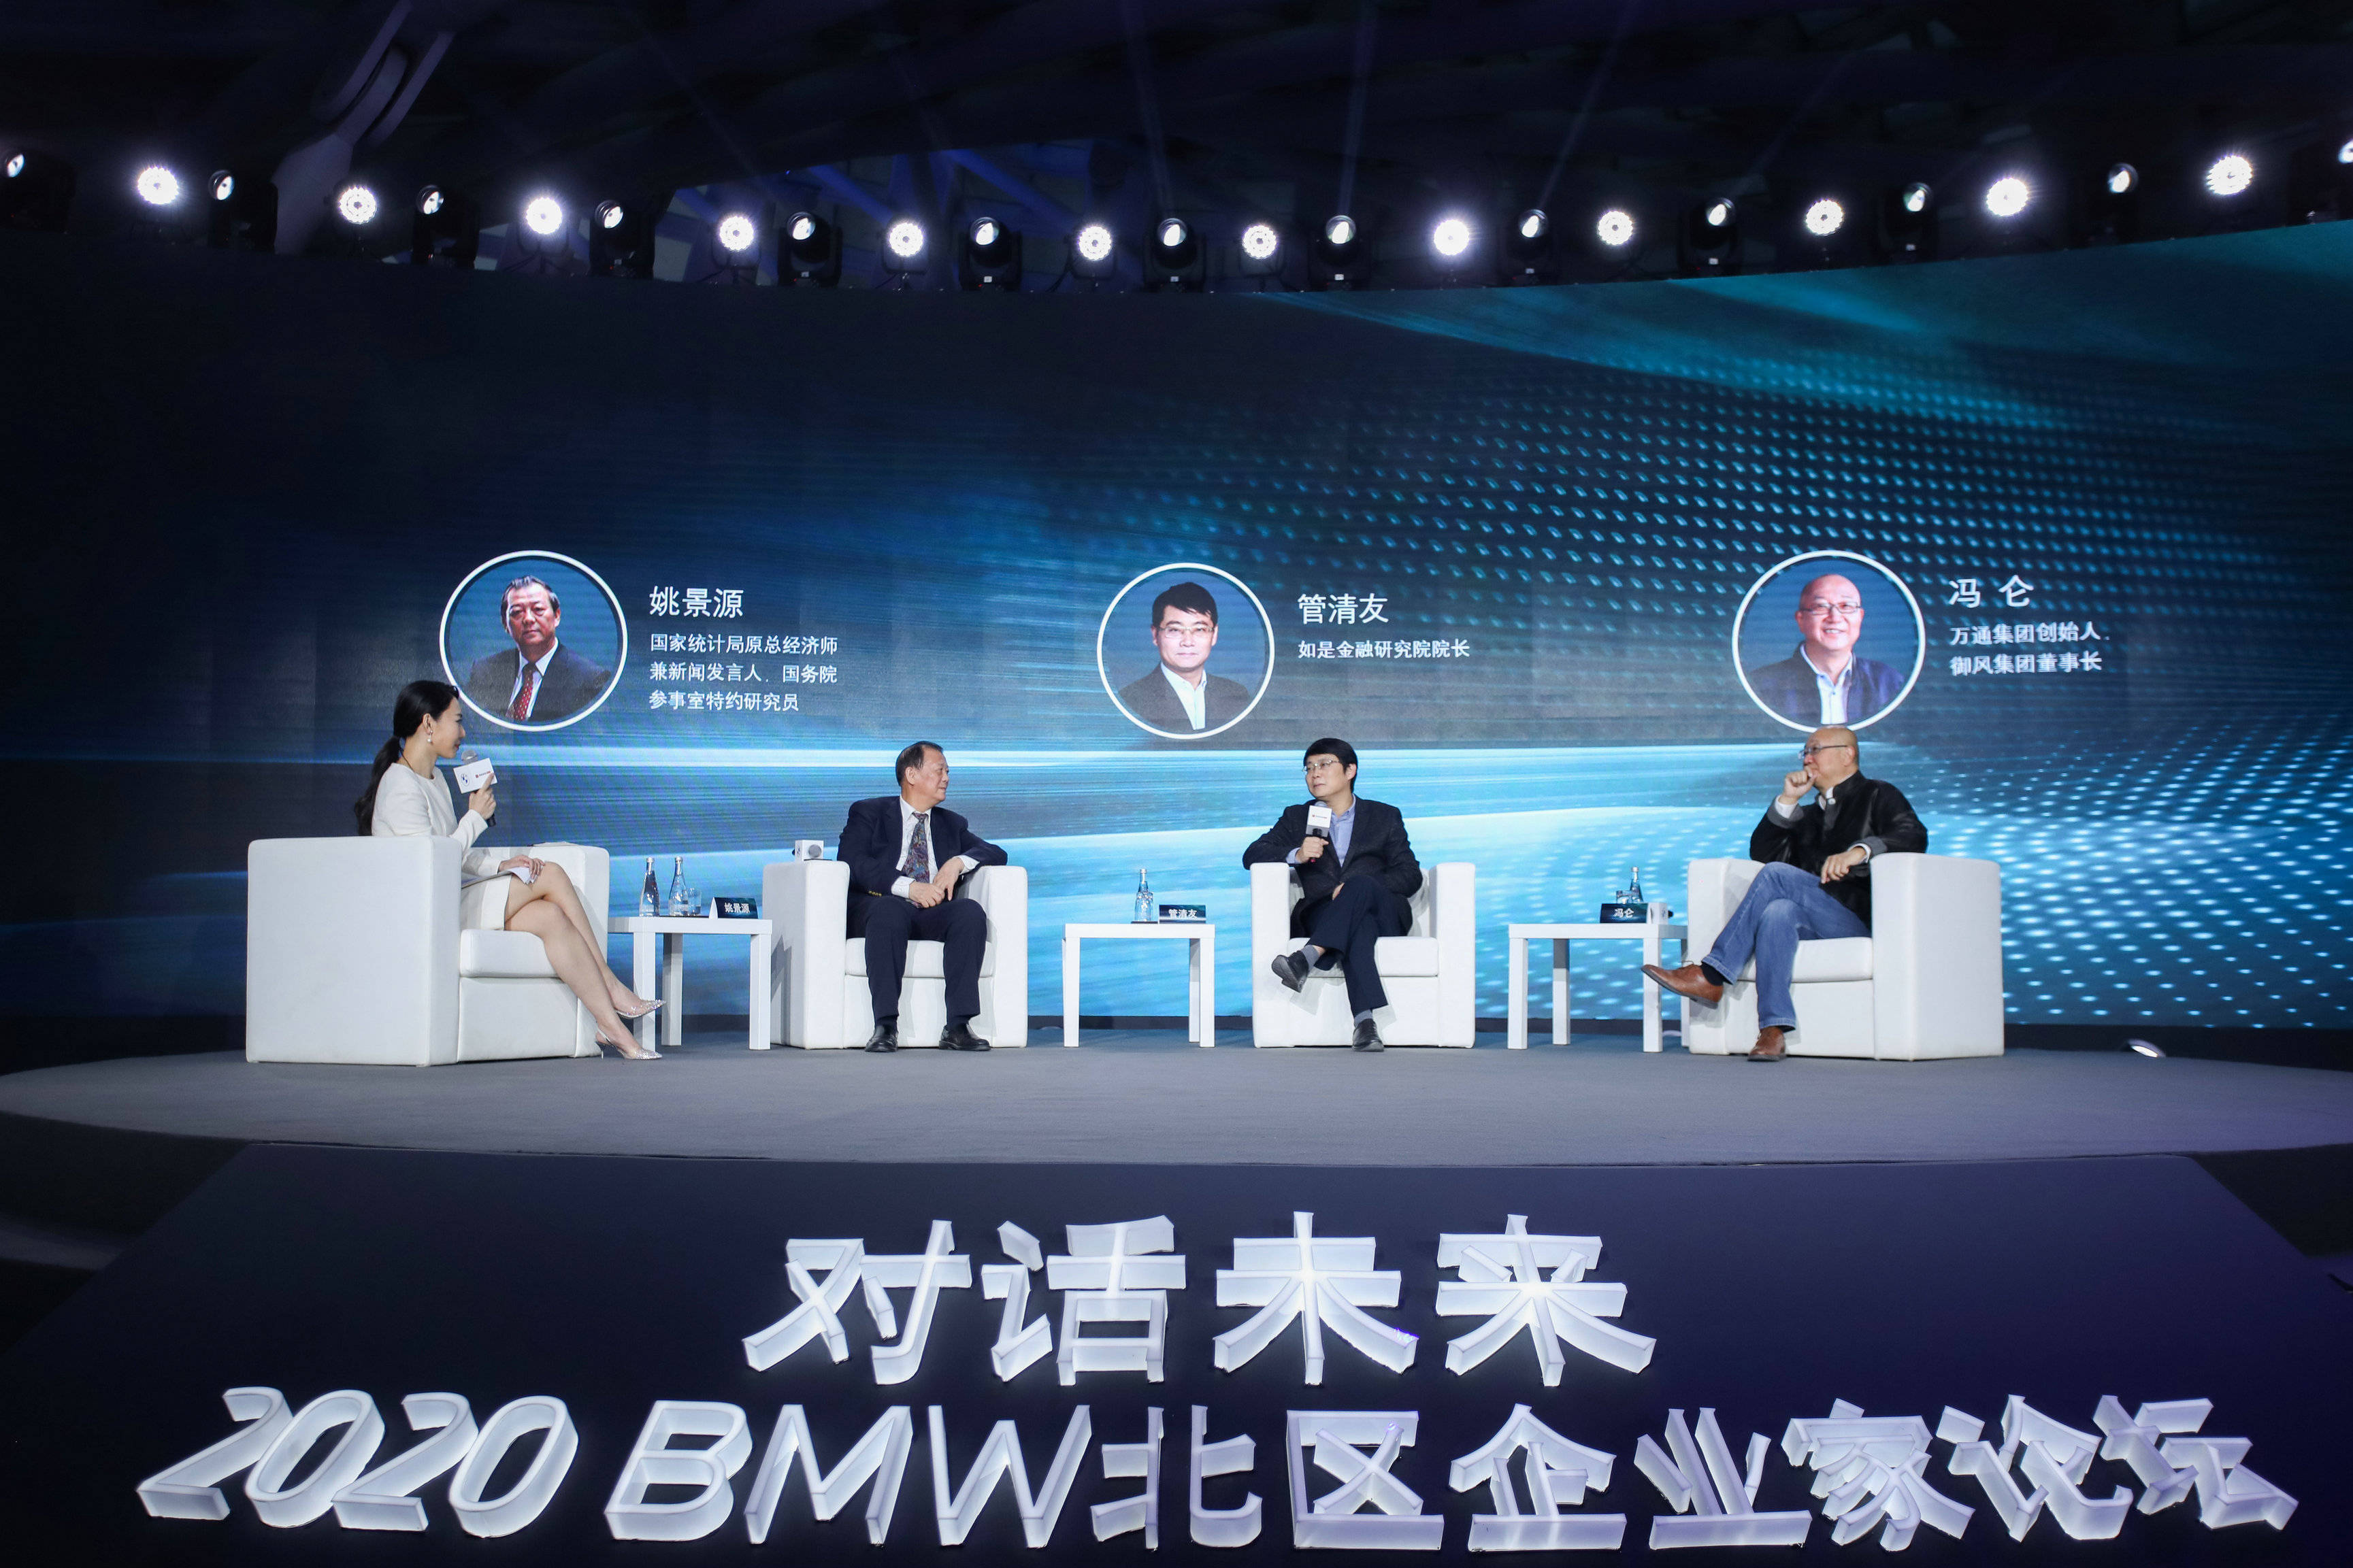 BMW北区企业家论坛落幕 携手客户共进共赢